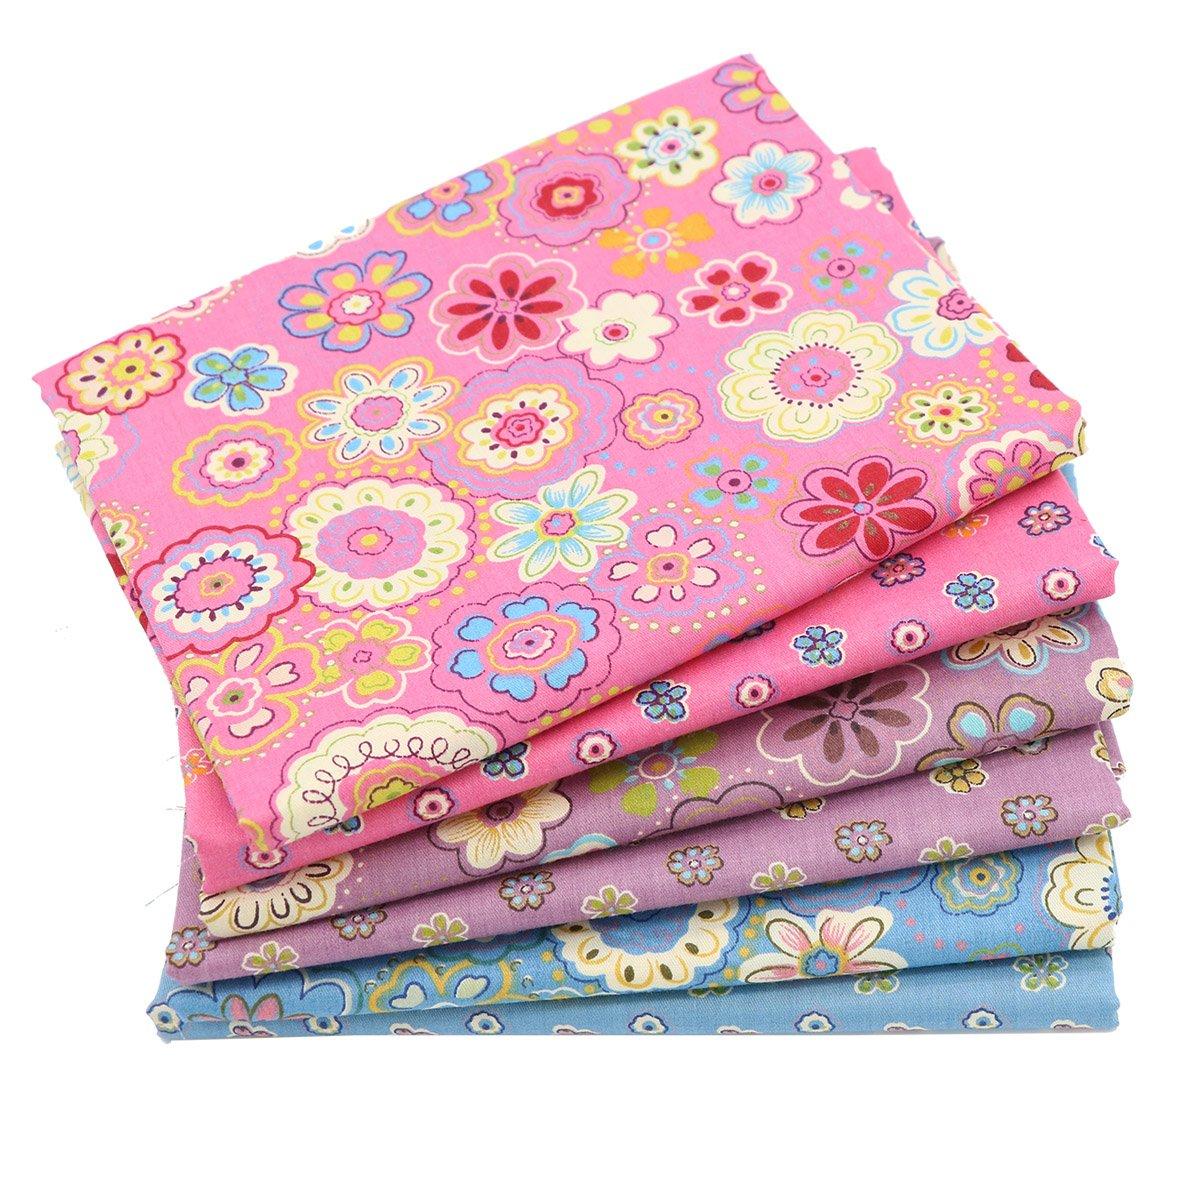 iNee Fat Quarters Quilting Fabric Bundles 18